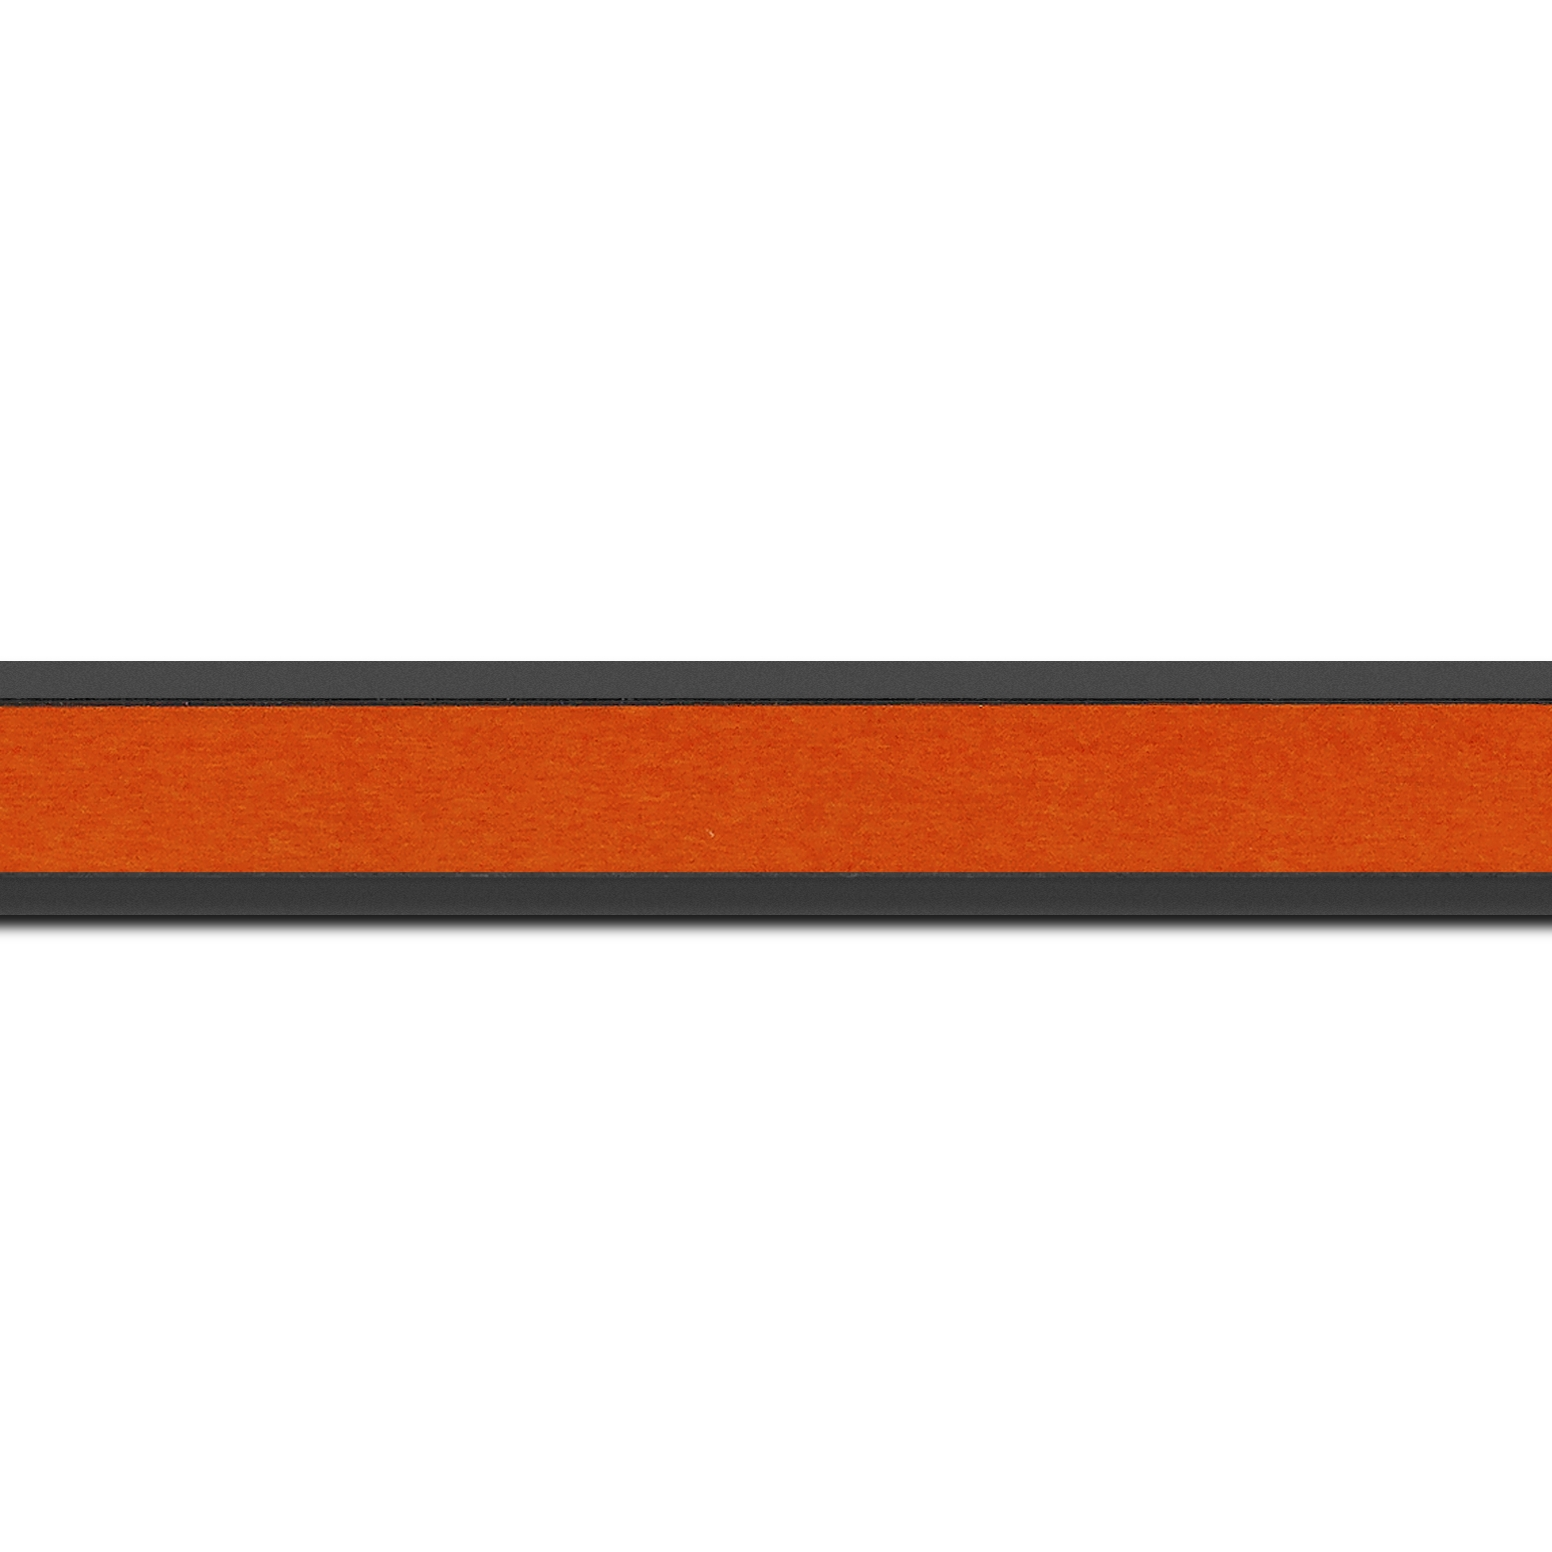 Baguette longueur 1.40m bois essence marupa profil plat largeur 2.5cm plaquage érable teinté orange,  filet intérieur et extérieur gris foncé